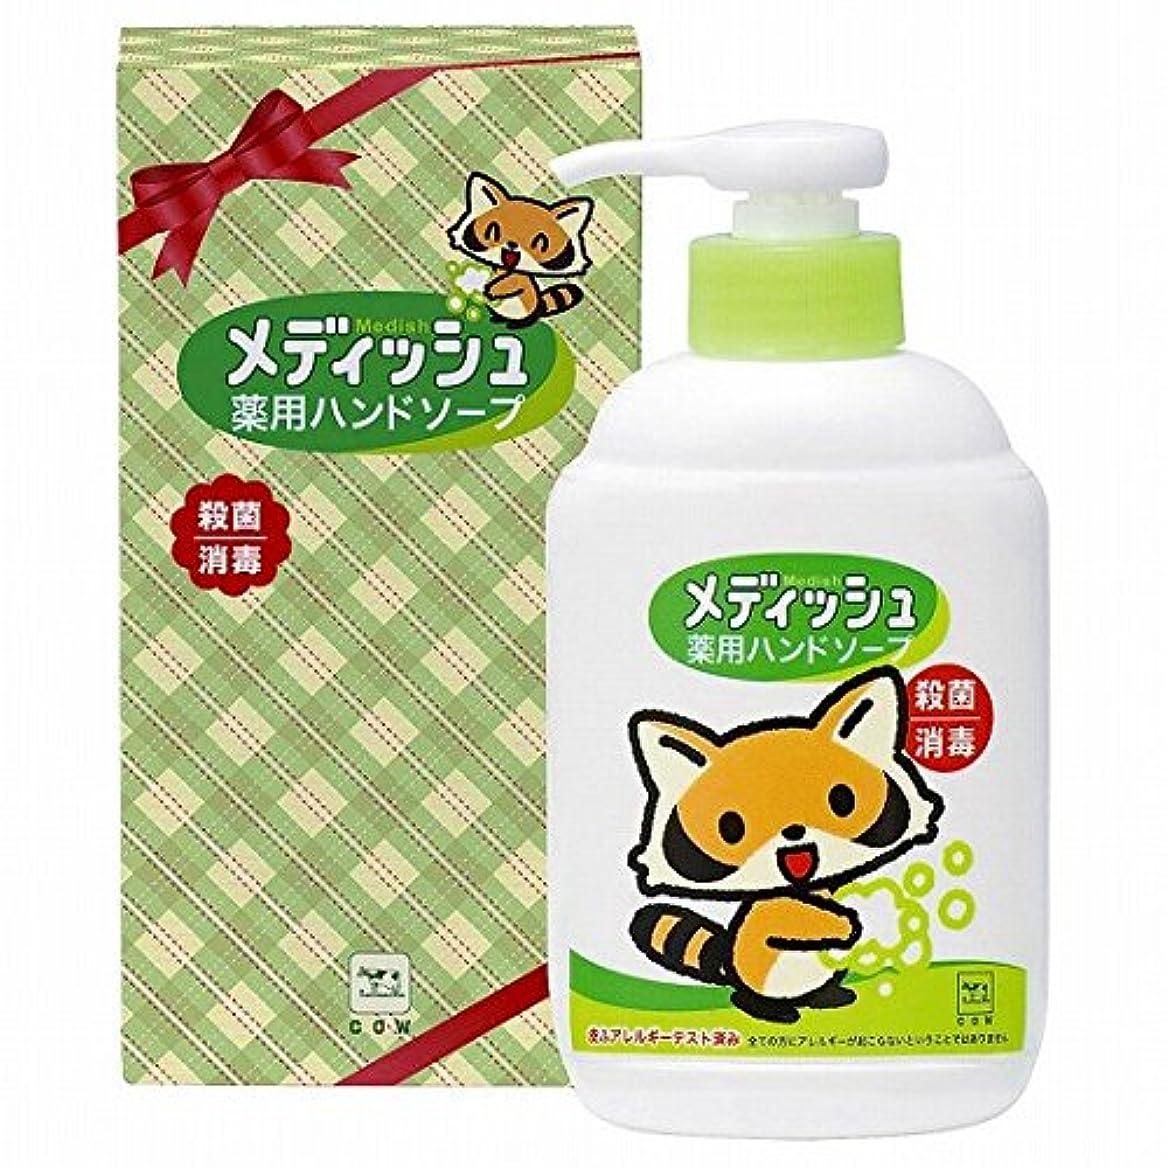 防腐剤光電無意識nobrand 牛乳石鹸 メディッシュ 薬用ハンドソープ 250ml 箱入(MS35)